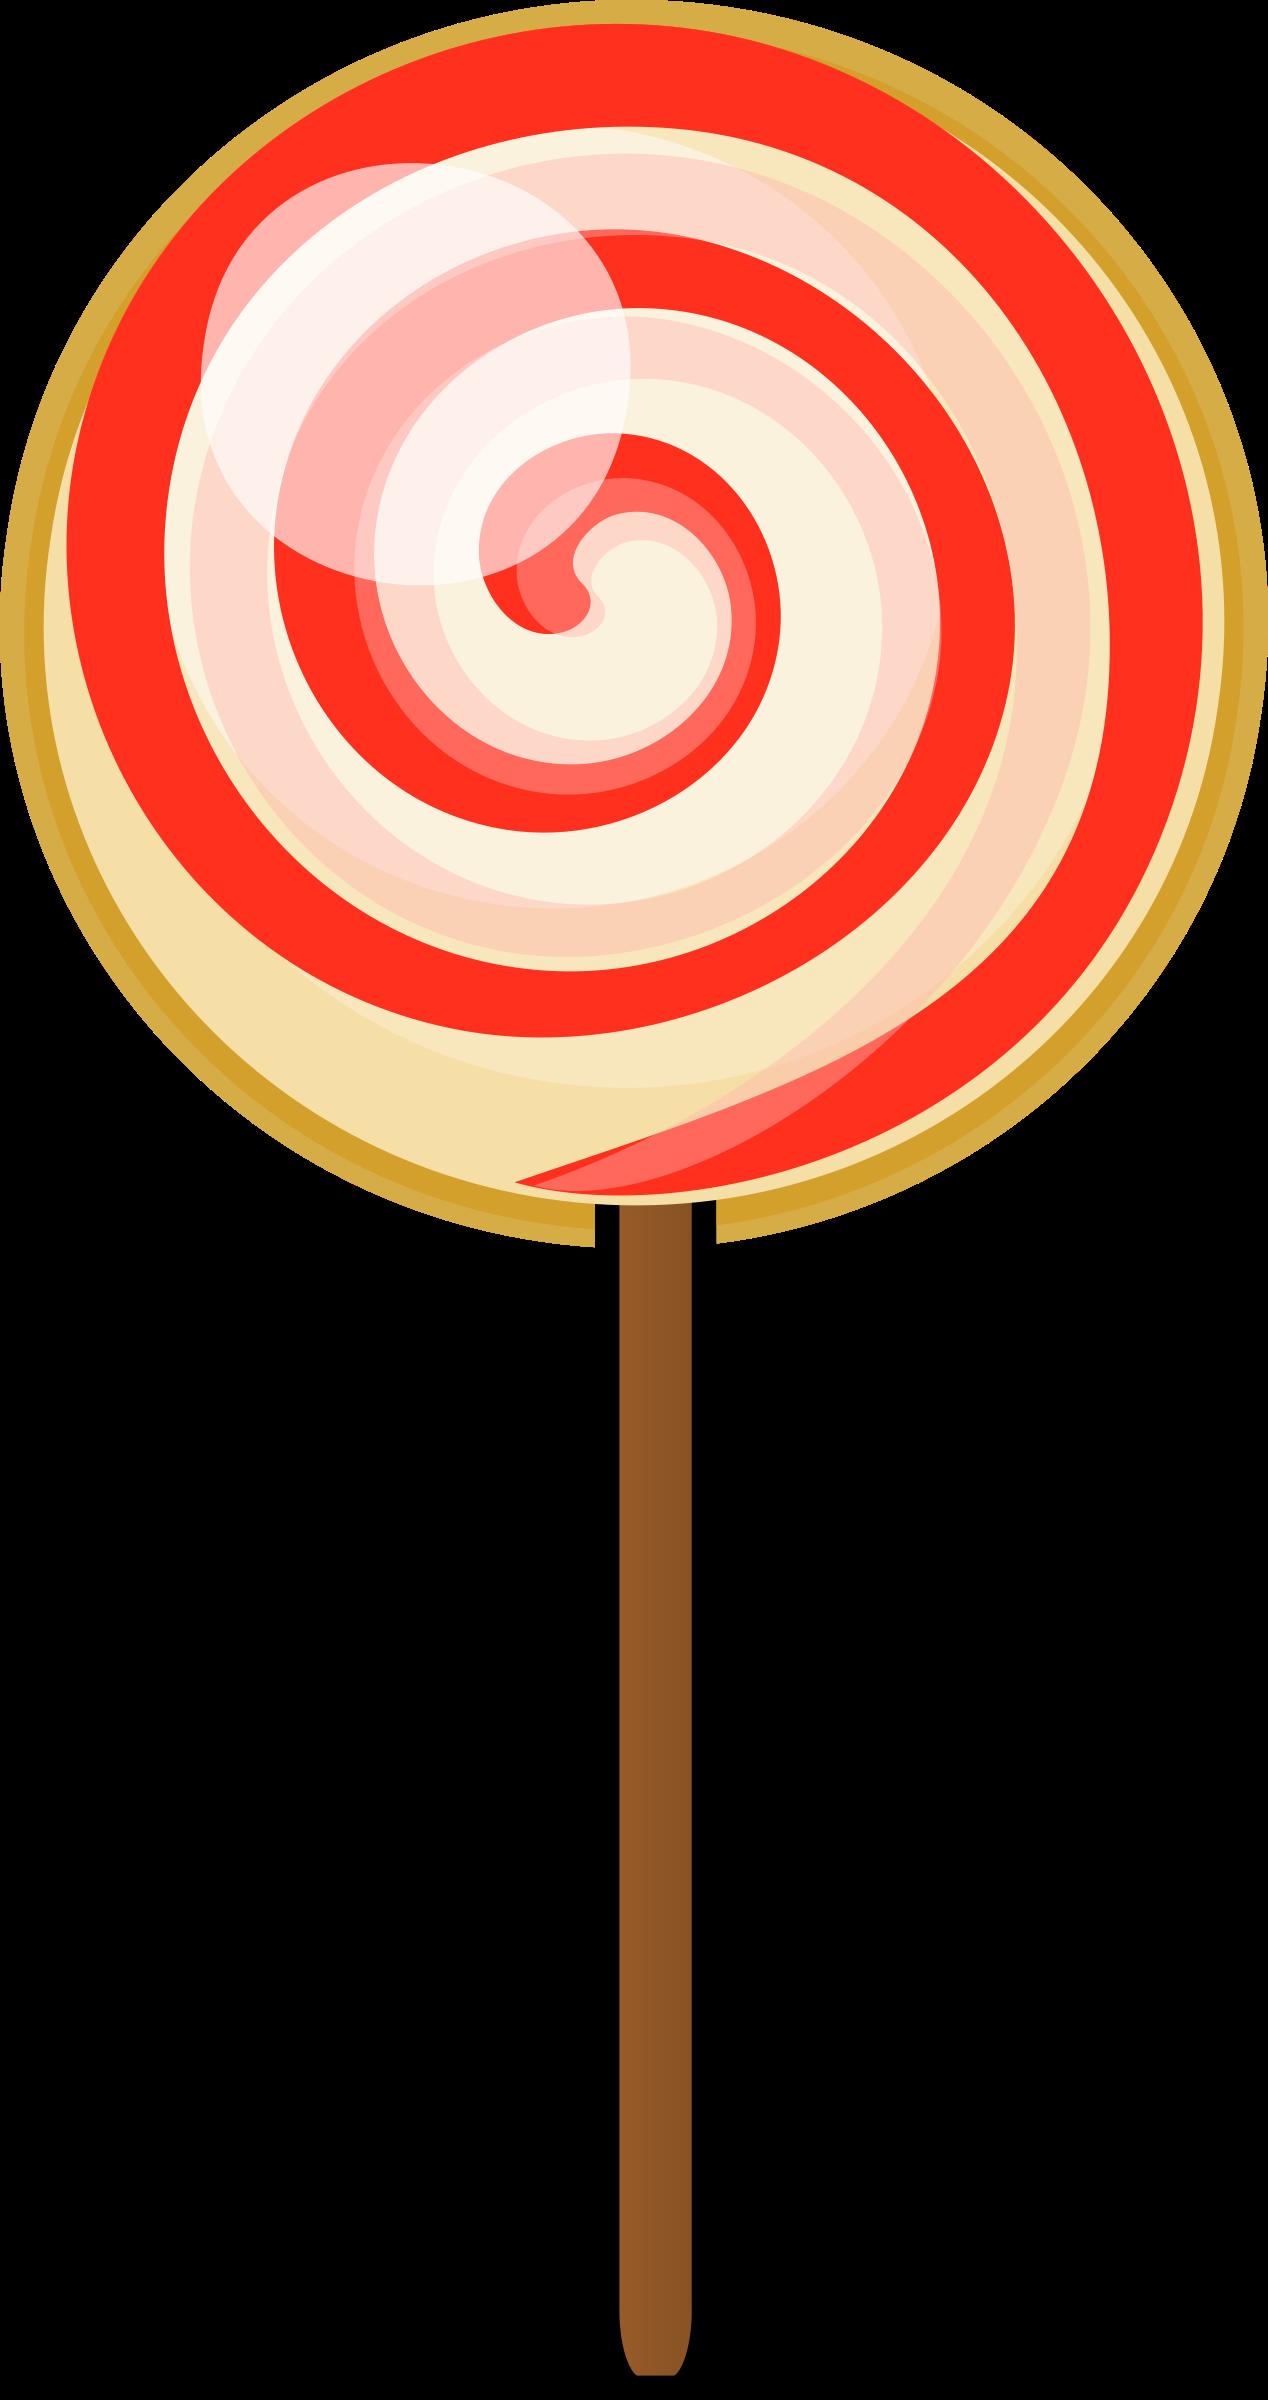 Lollipop clipartix. Path clipart candyland